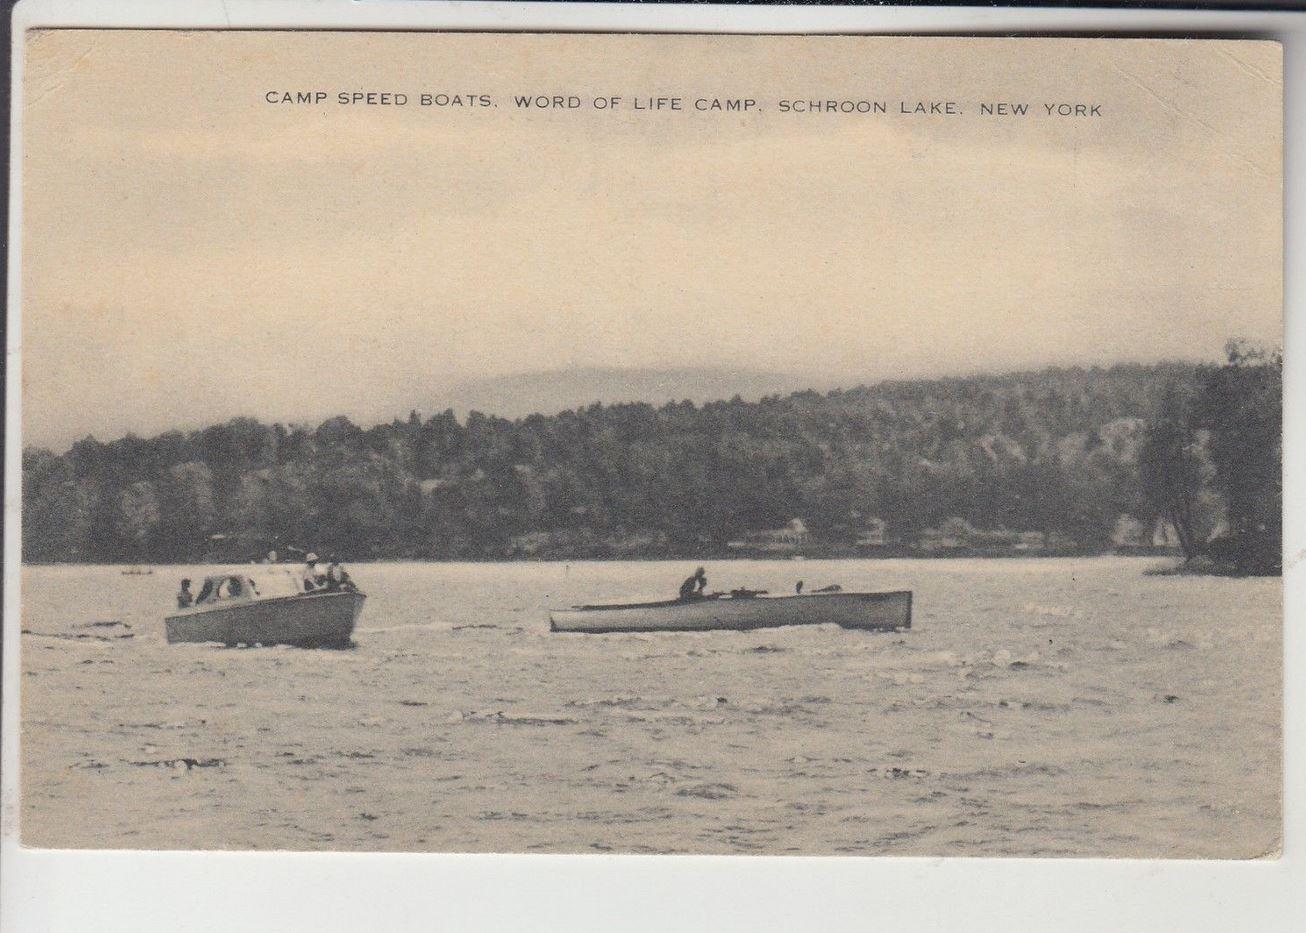 Capturespeedboats.JPG